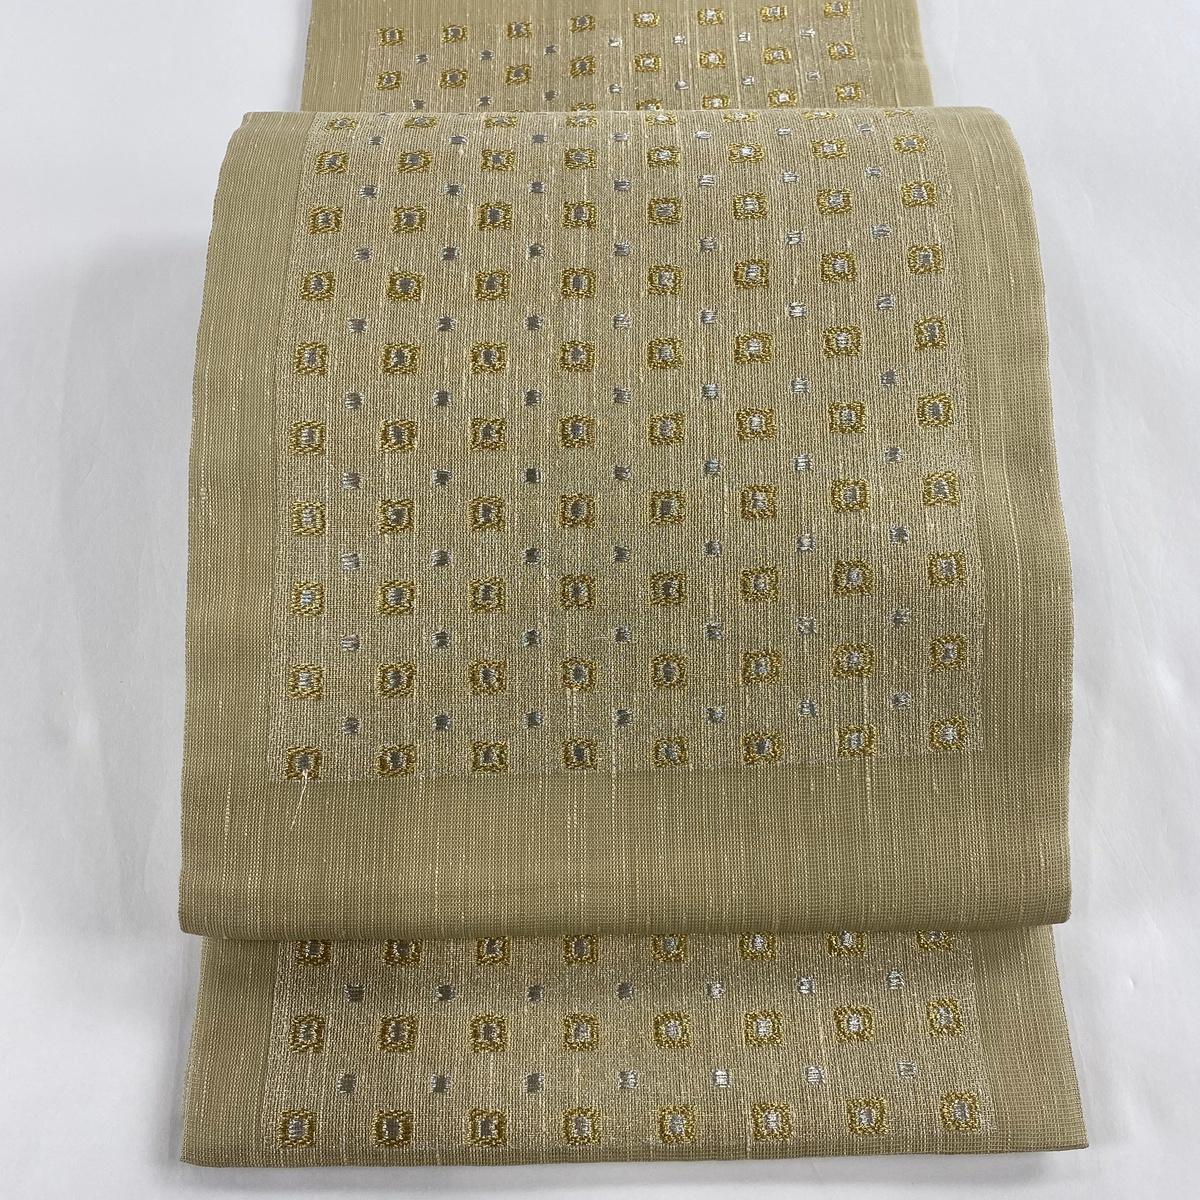 袋帯 美品 名品 幾何学模様 金銀糸 抹茶色 六通 正絹 【中古】